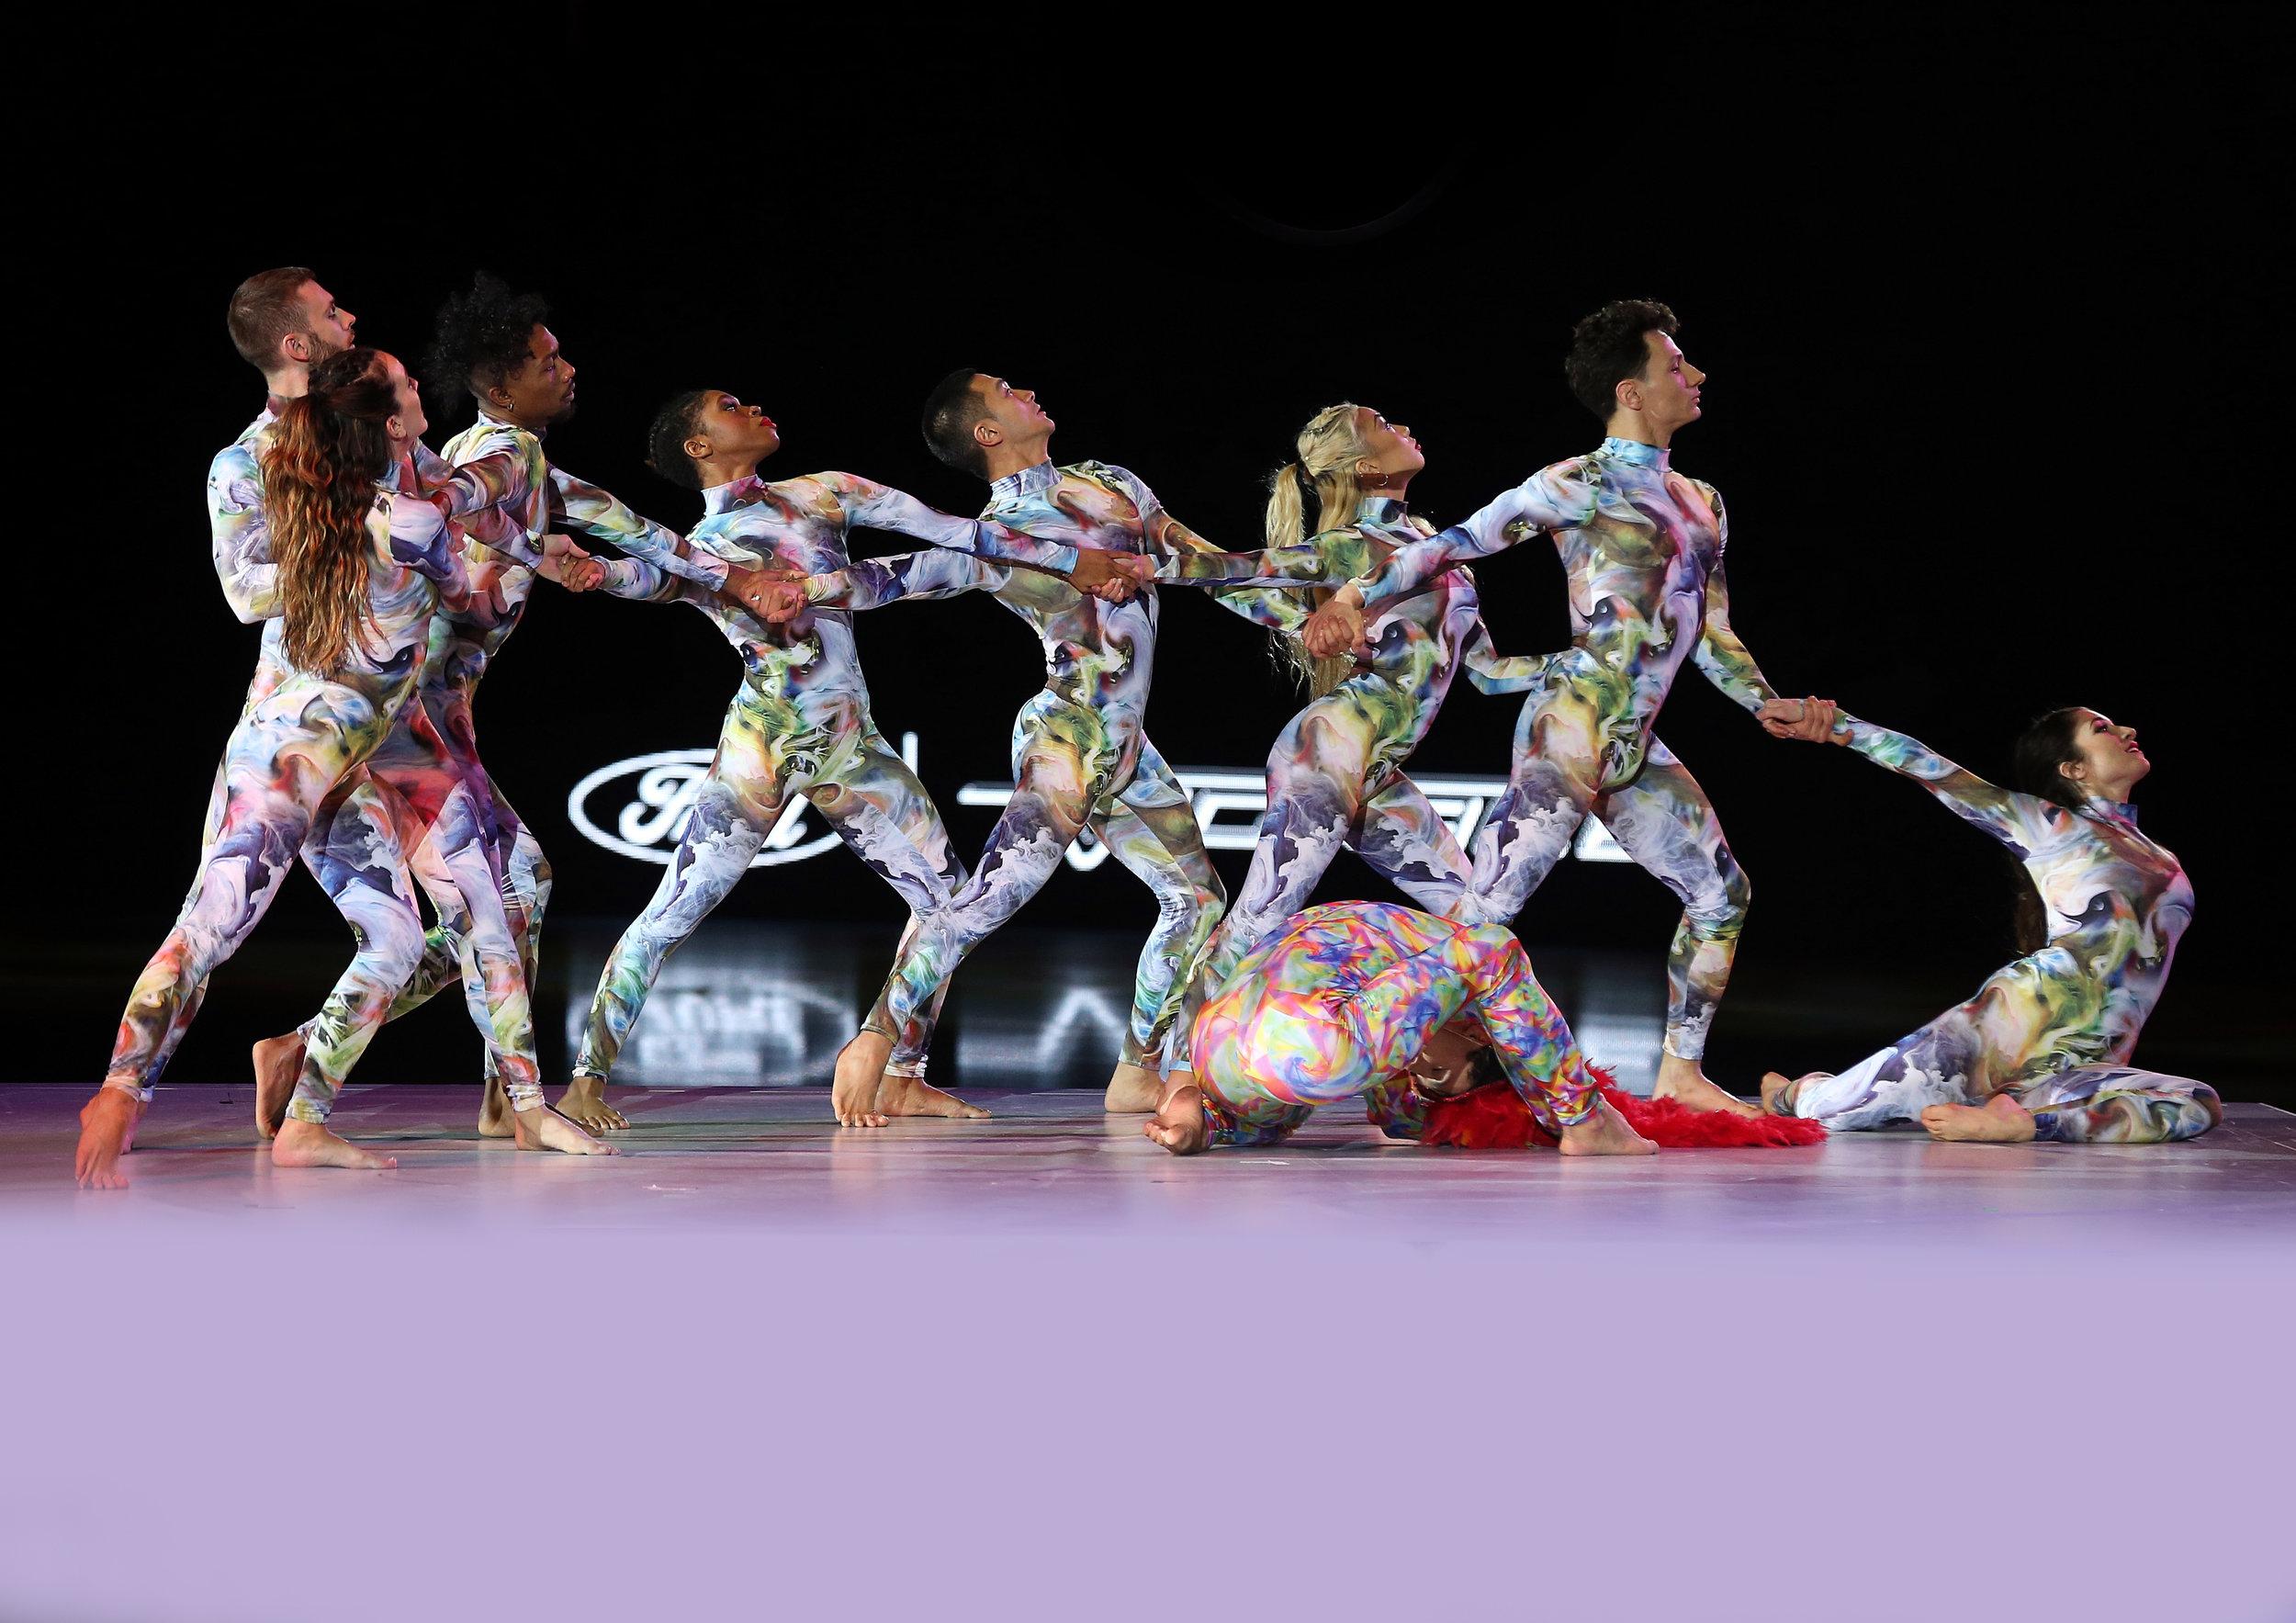 """Art on Ice Dancers - Die Art on Ice Dancers sind alle Profitänzer aus Kanada und den USA und haben fundierte Ausbildungen. Sie waren bei Castings wie """"So You Think You Can Dance"""" erfolgreich und auch schon mit Musik-Weltstars auf Tournee. Ariana, John, Kae Kae und Michelle gehörten bereits 2018 zum Ensemble von Art on Ice.Ariana Crowder, Howard Johnson, John Santos, Jourdan Epstein, Kae Kae Lee, Michelle Dawley, Shane Simpson;"""